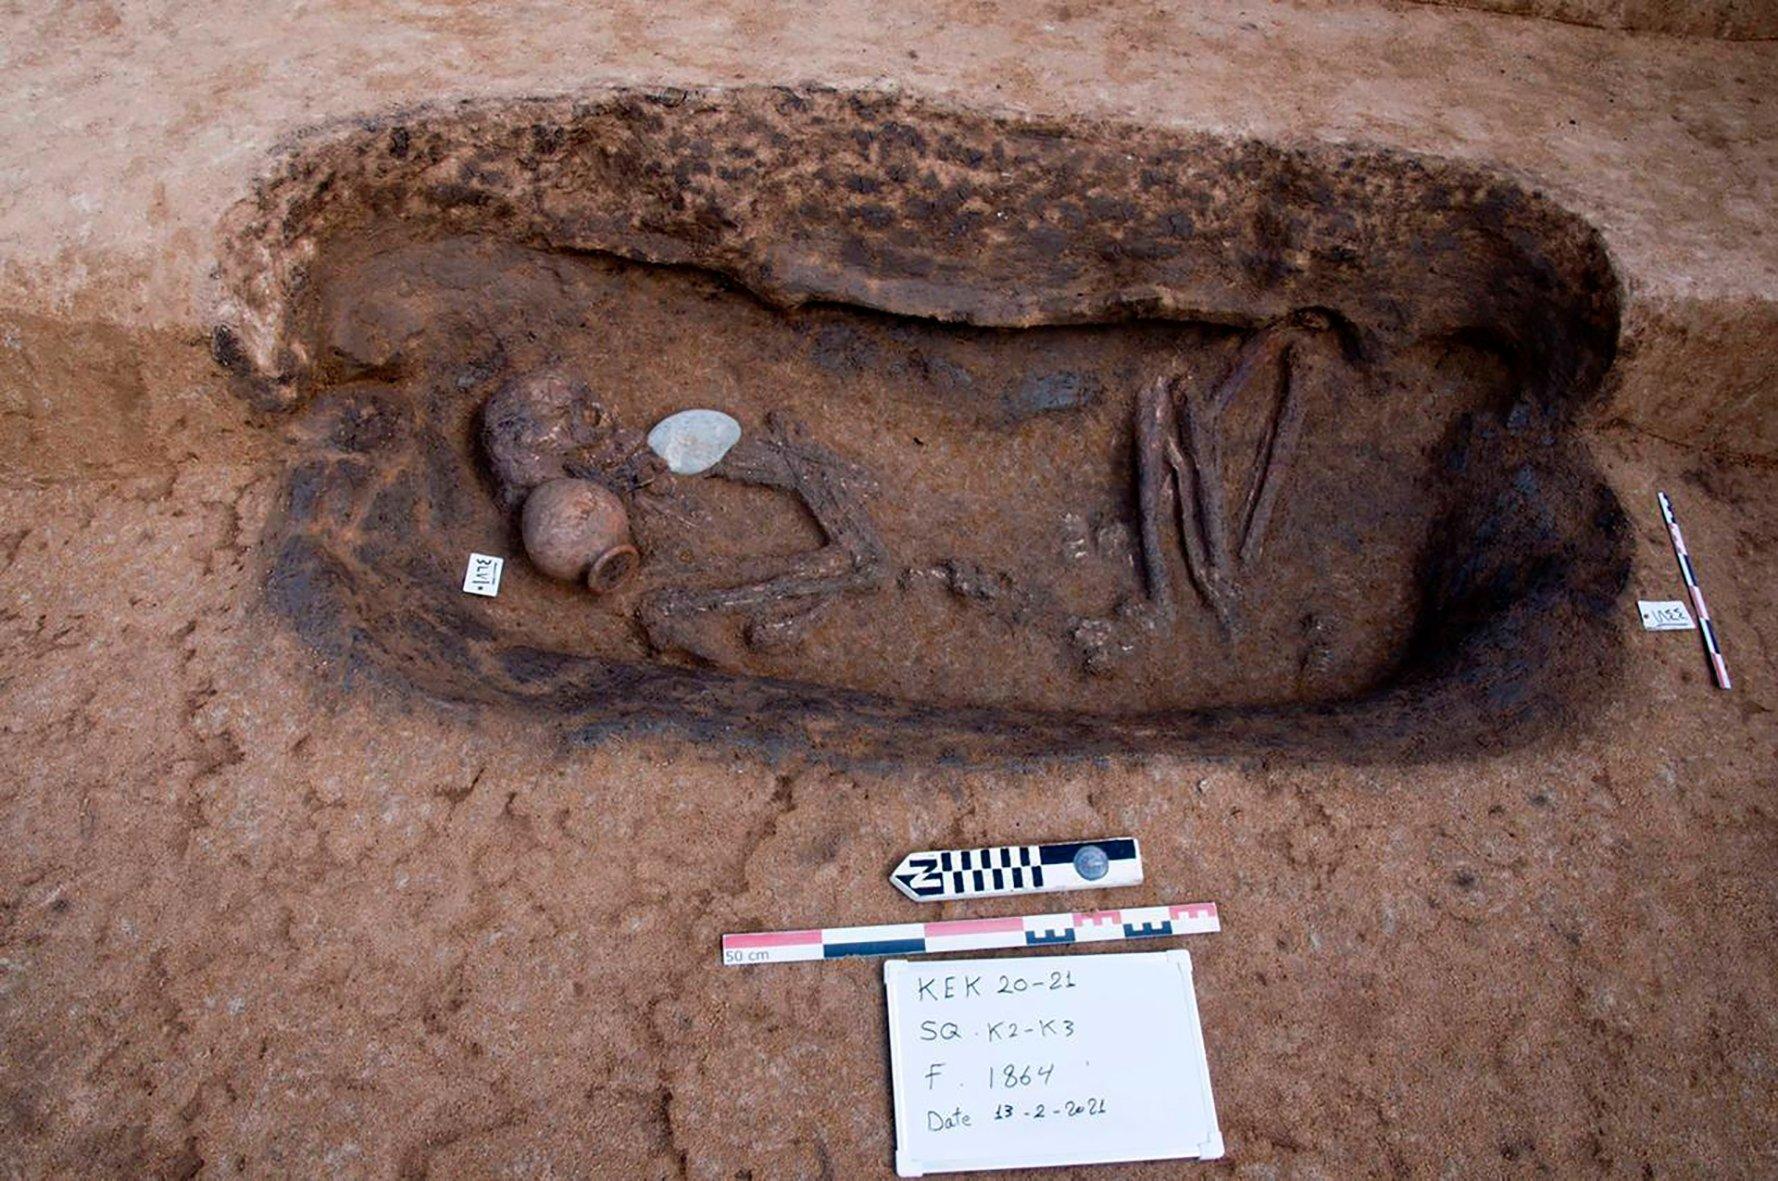 في 27 أبريل 2021 ، تم اكتشاف مقبرة فخارية قديمة مع بقايا بشرية في موقع كوم الخلجان الأثري في موقع كامل خولجان الأثري ، شمال شرق مدينة القاهرة المصرية.